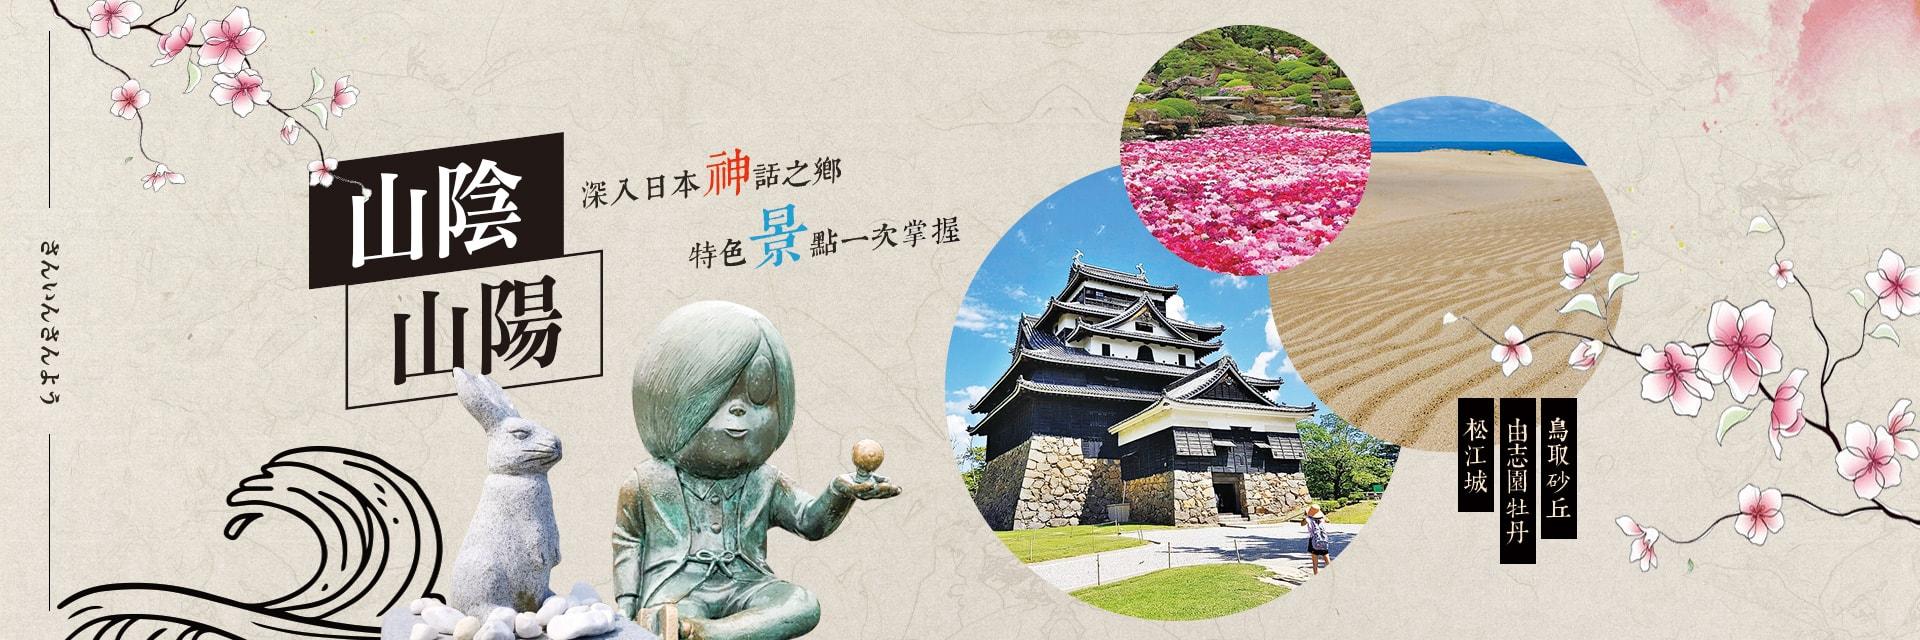 上順旅遊、日本旅遊、山陰山陽